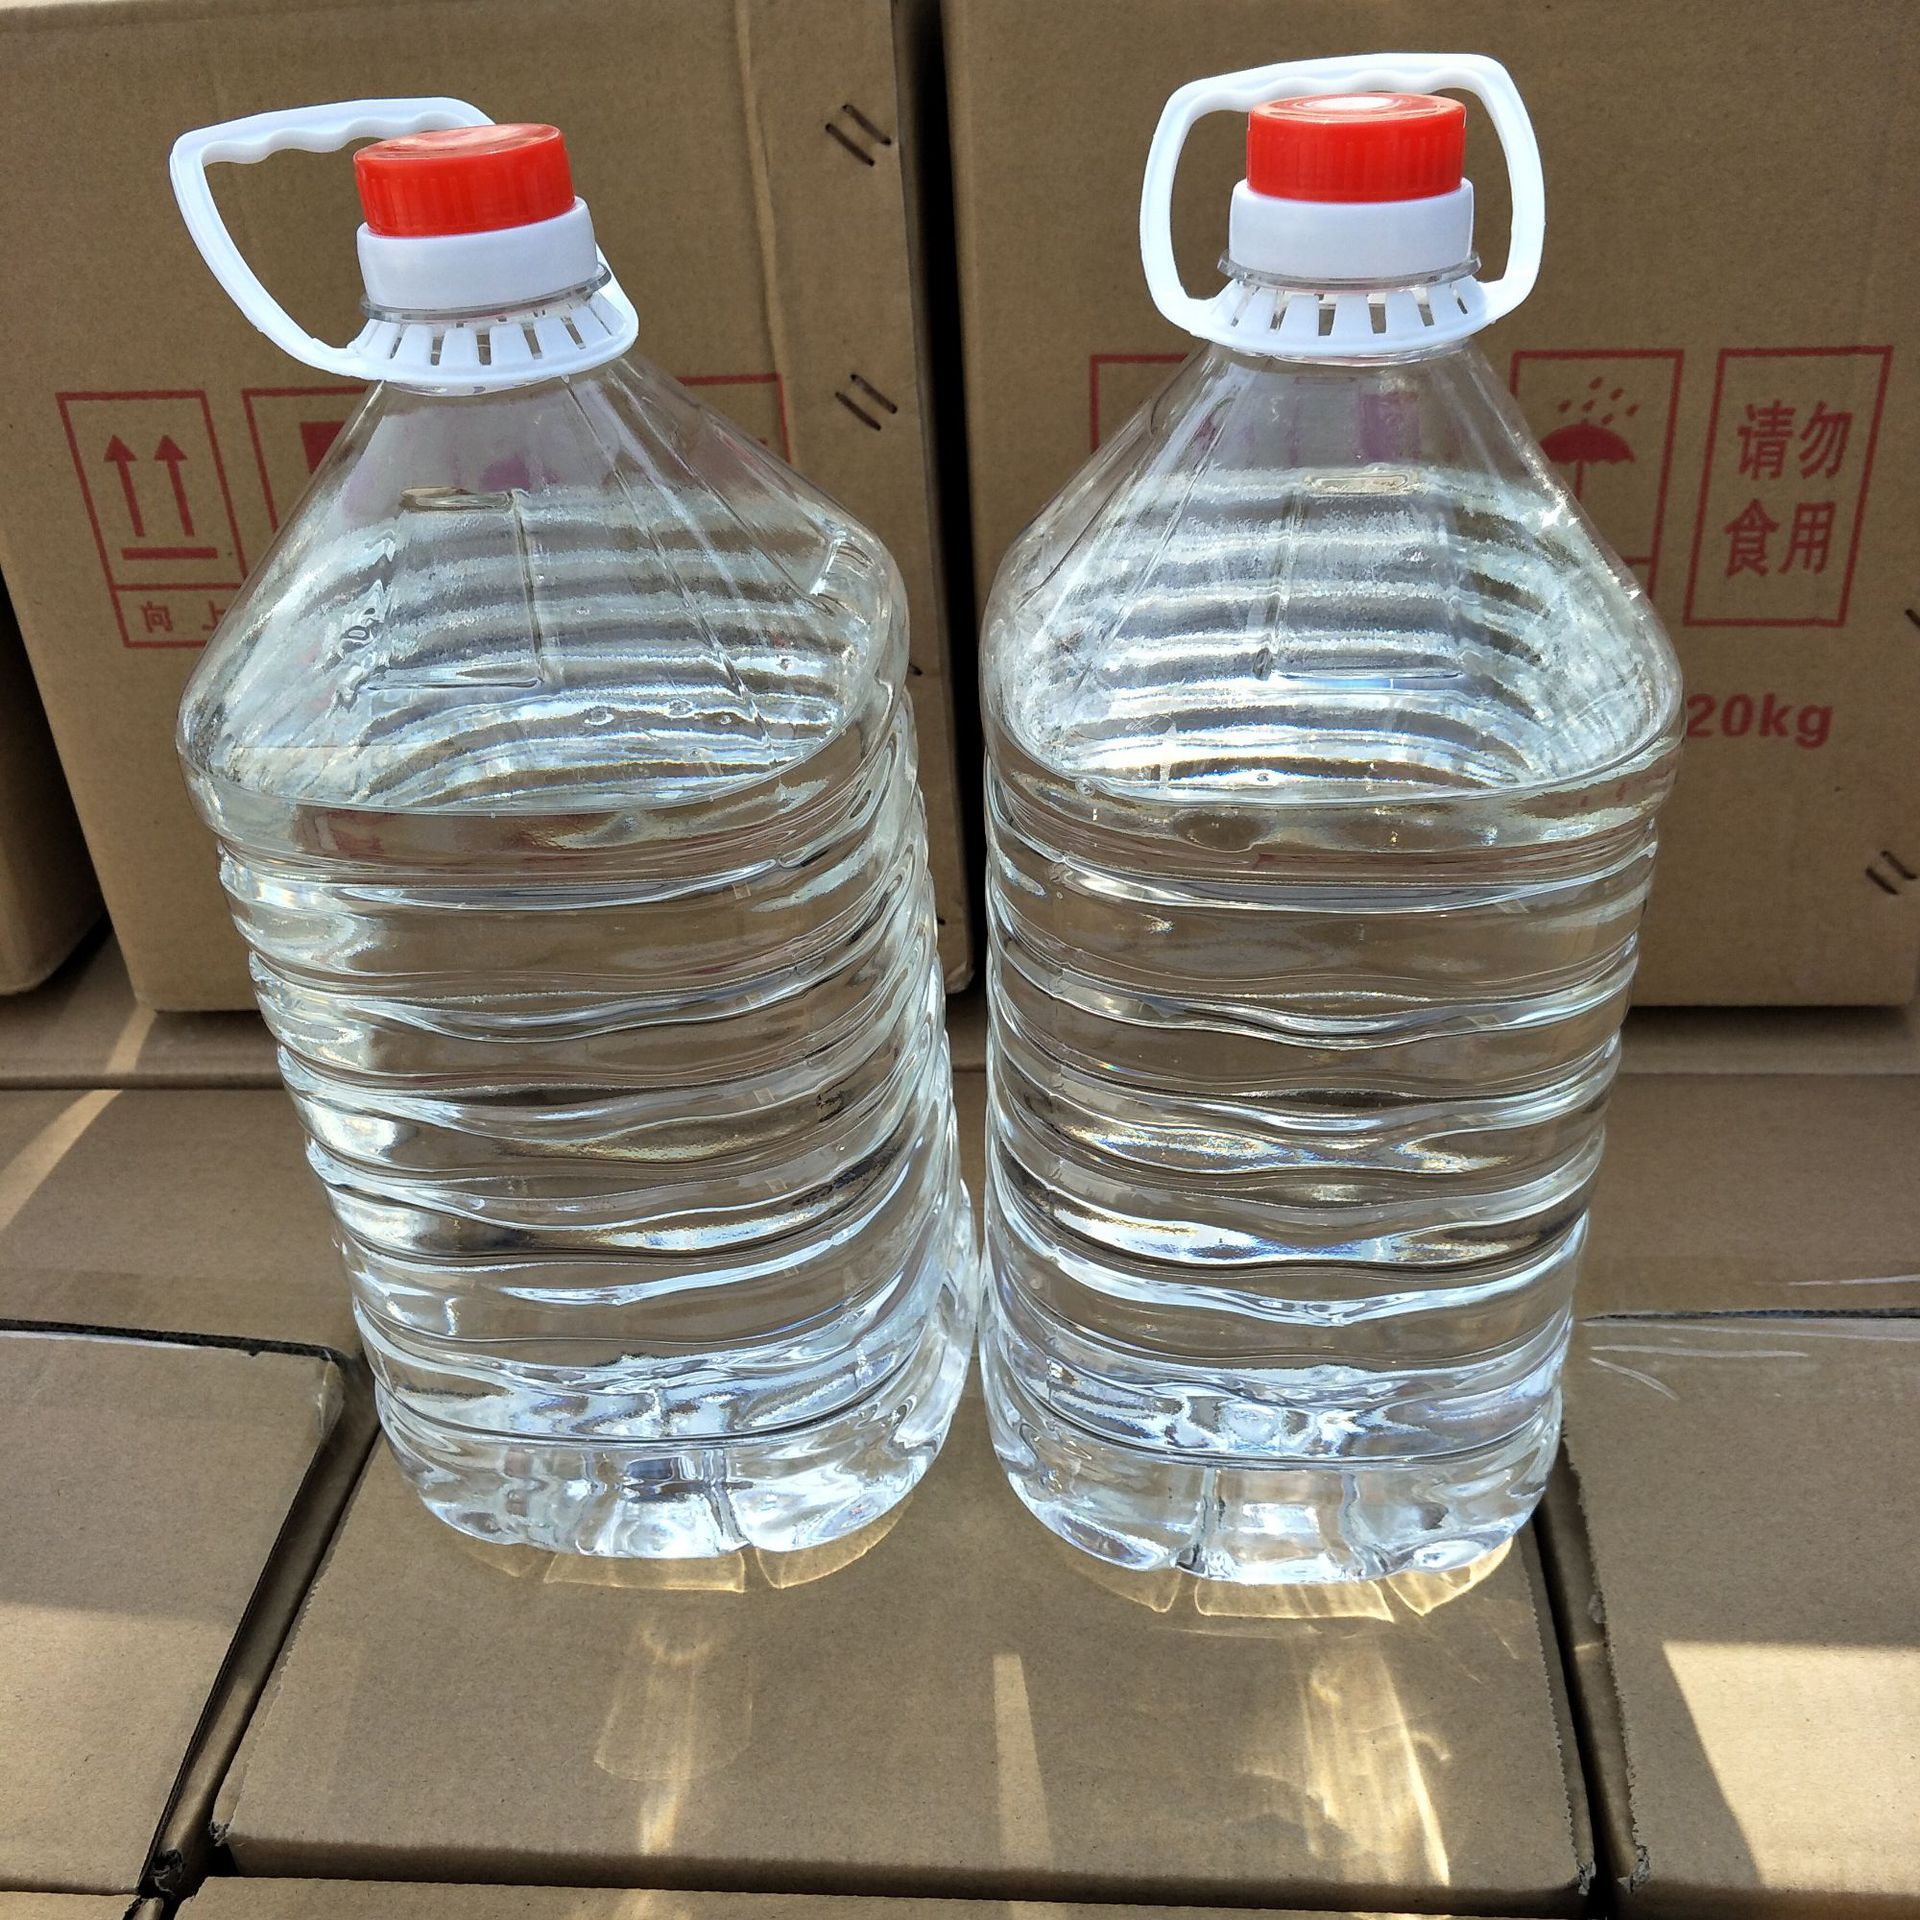 HAIPING NLSX dầu thực vật Các nhà sản xuất bán dầu thực vật thân thiện với môi trường cho nồi lẩu, k